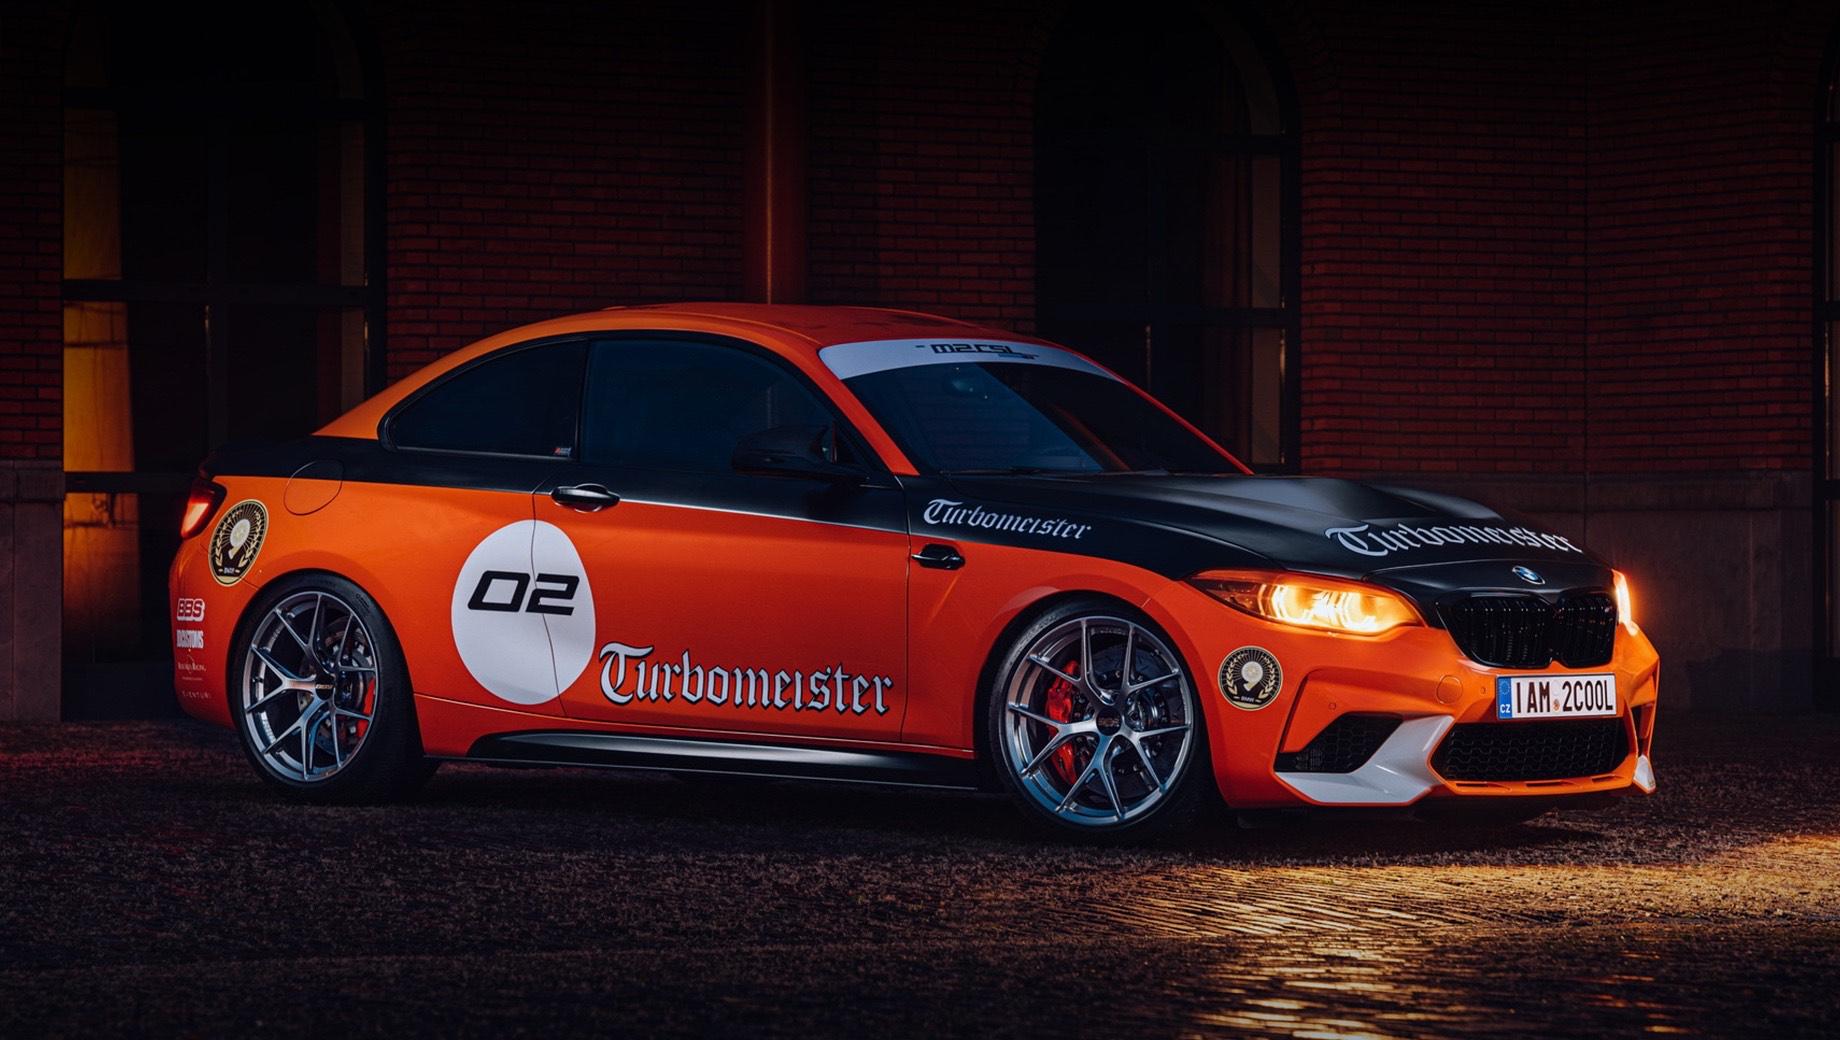 Bmw m2,Bmw m2 competition,Bmw m2 csl. Двухдверка BMW M2 CSL Turbomeister Edition оснащена титановым выпуском Akrapovic, который на 45% легче стандартного, и ультралёгкими коваными 19-дюймовыми колёсами BBS FI-R с шинами Michelin Pilot Sport Cup 2. Доработкой мотора занималась голландская фирма Beek Auto Racing.